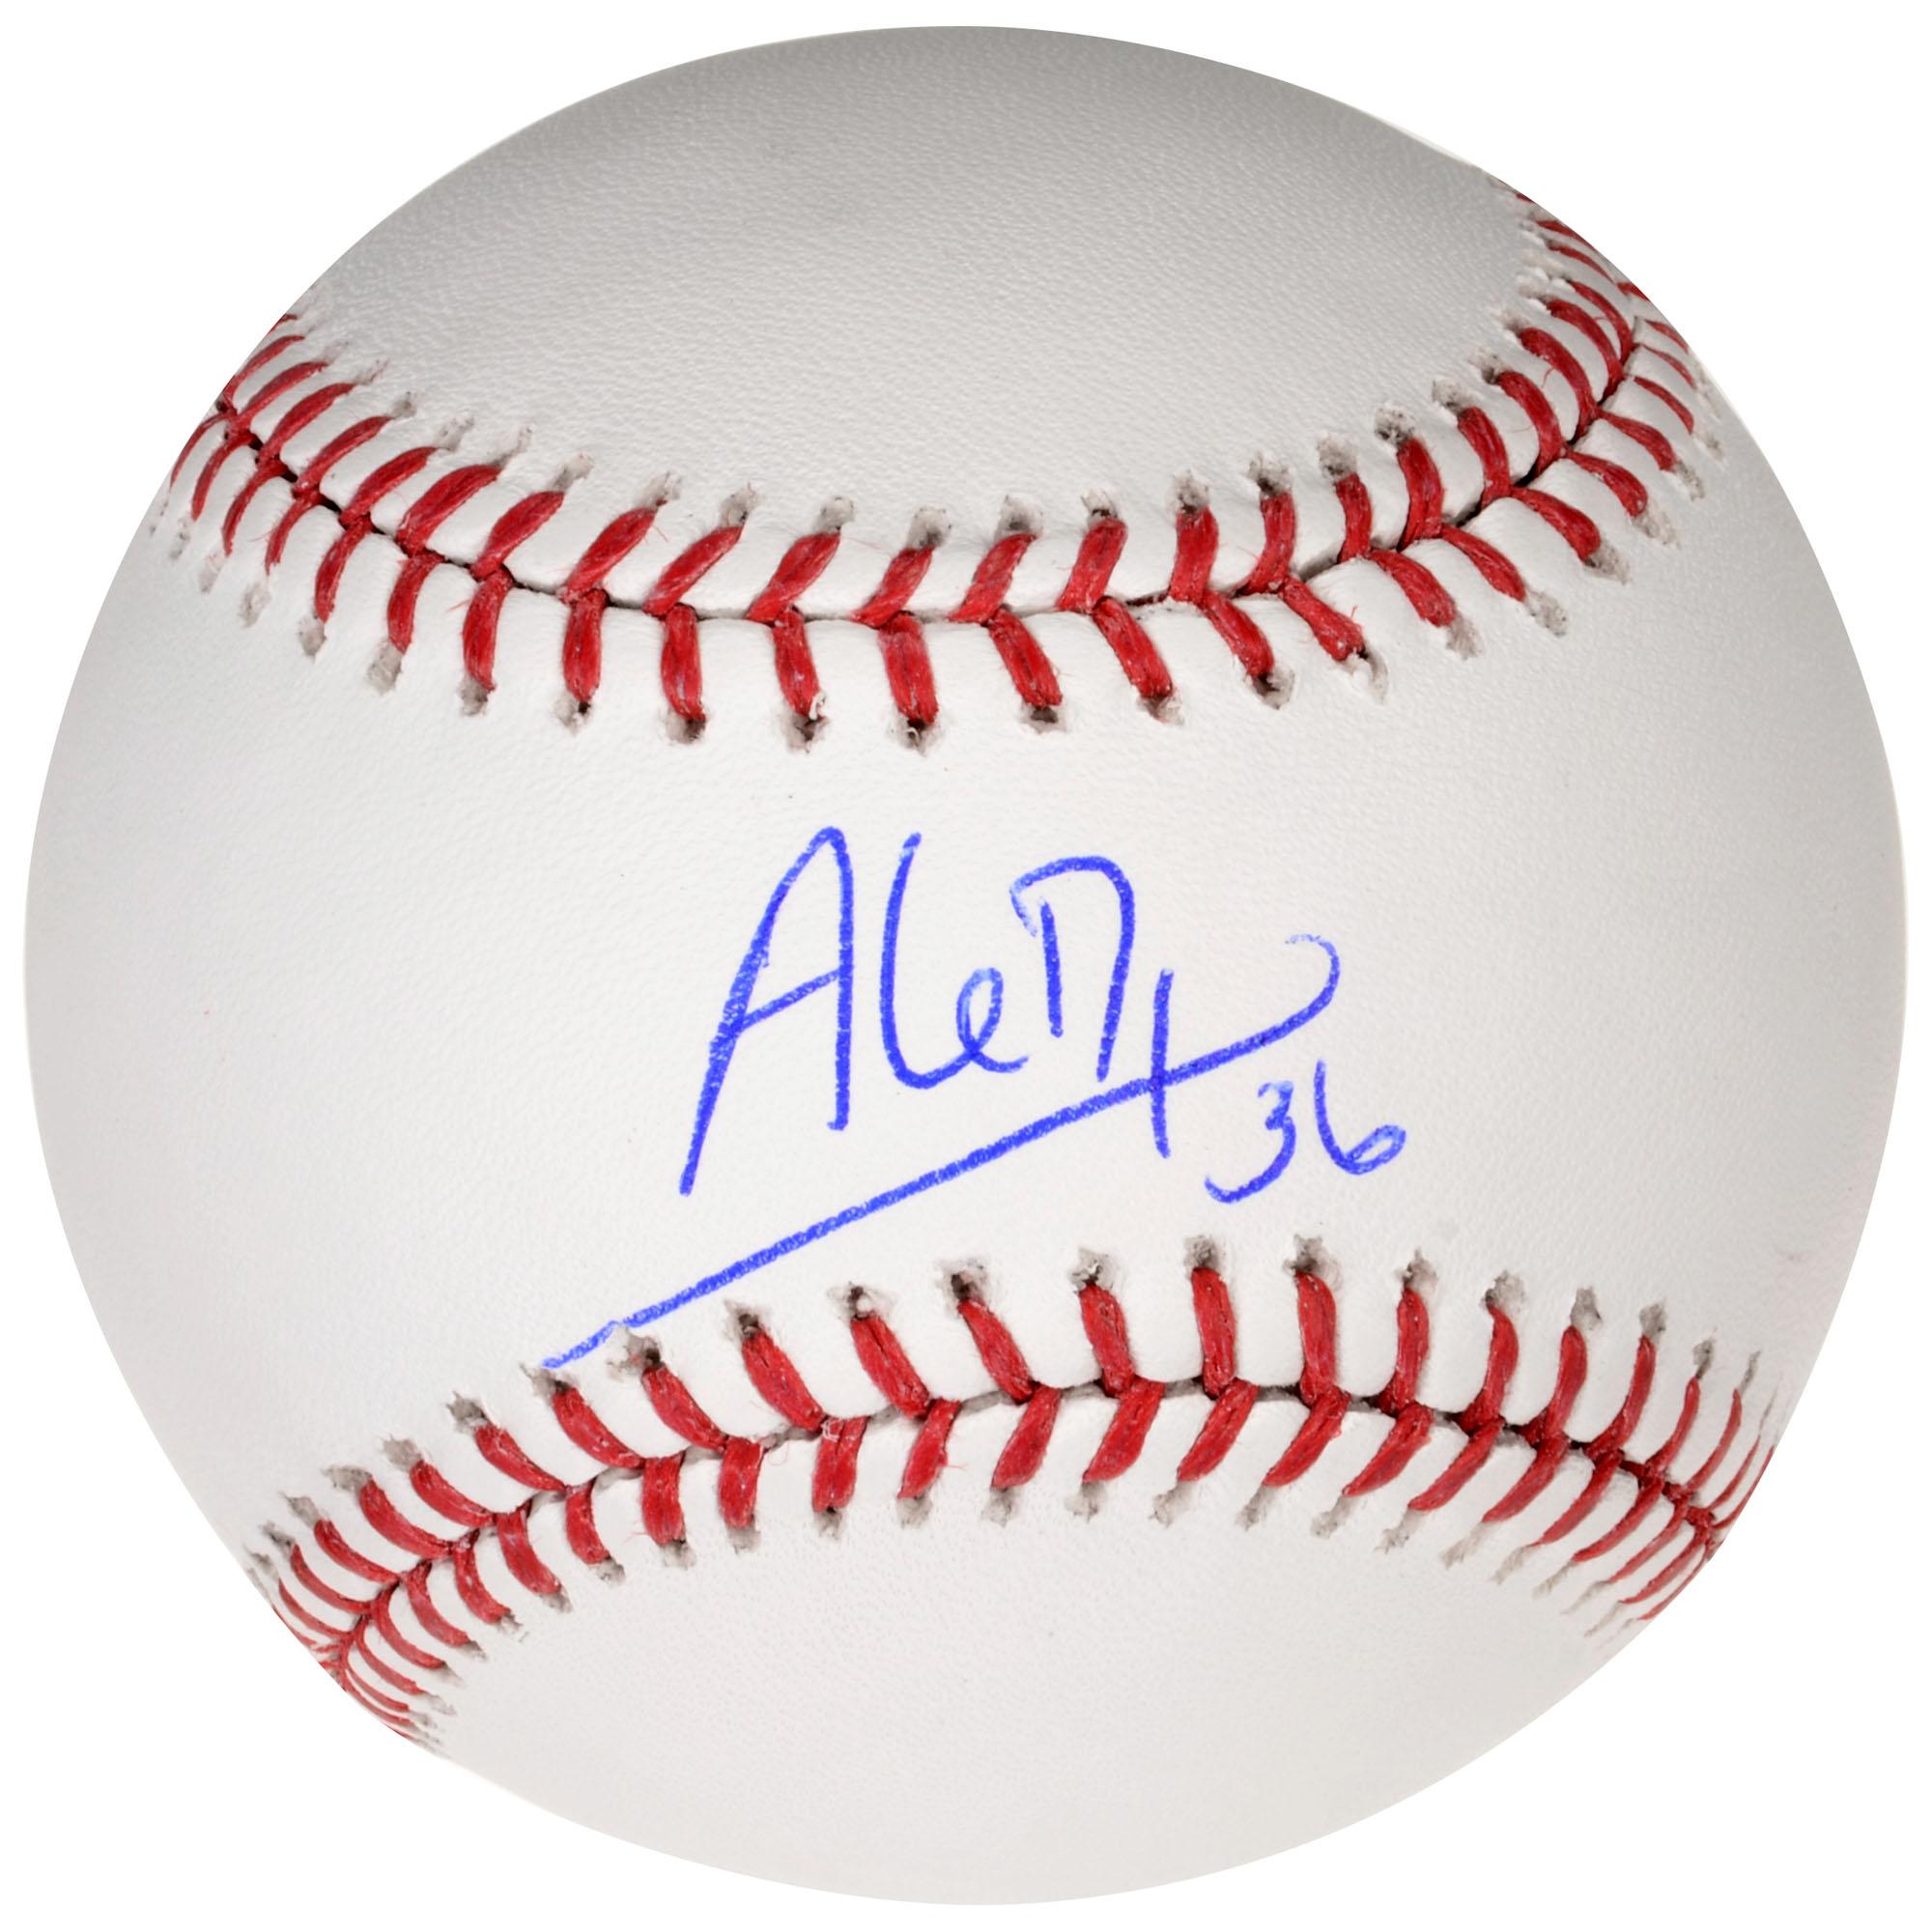 Aledmys Diaz St. Louis Cardinals Fanatics Authentic Autographed Baseball - No Size